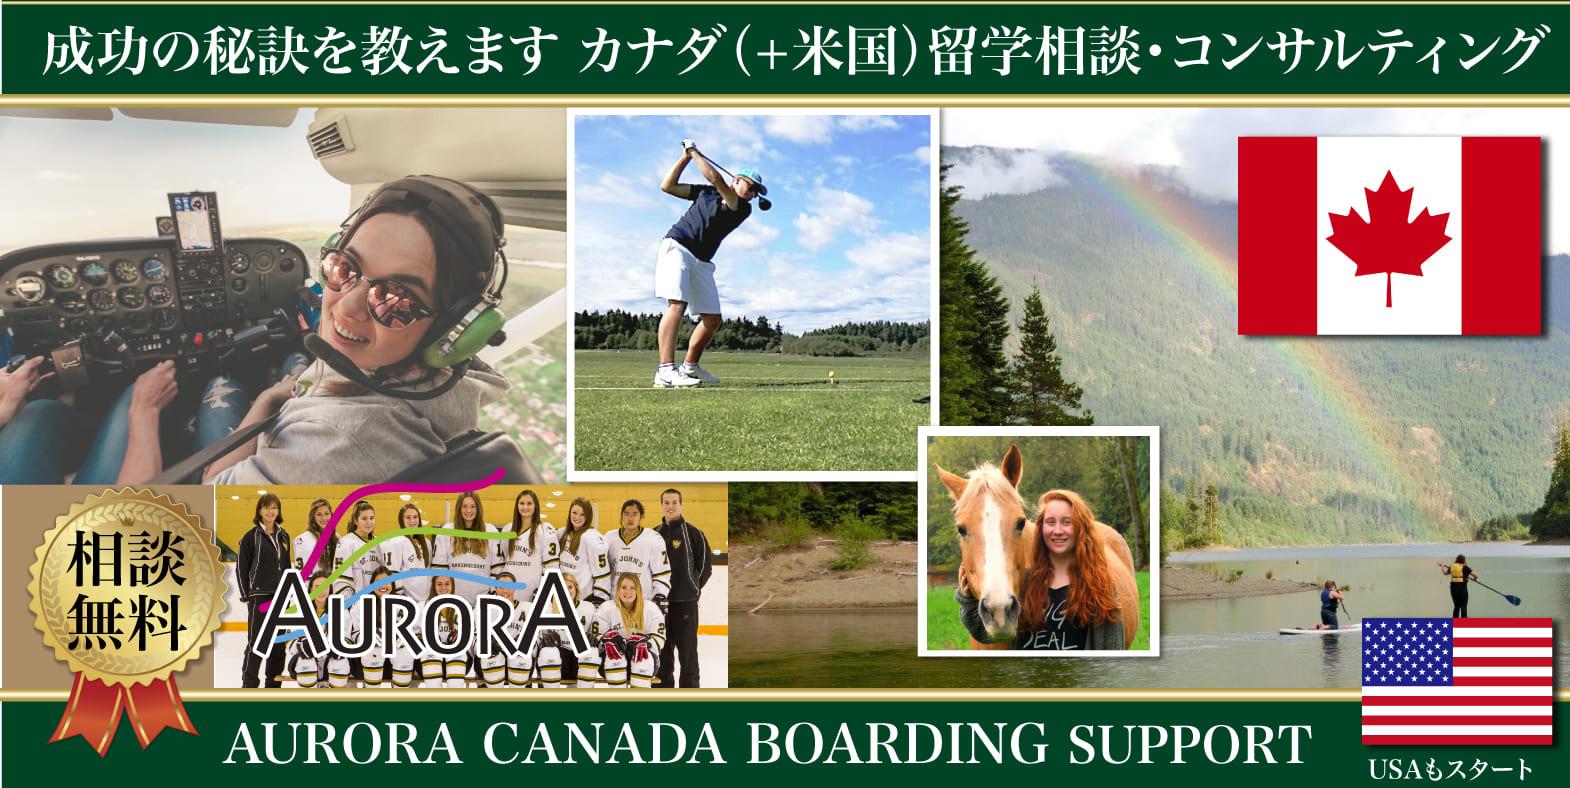 カナダ留学相談、留学サポート オーロラカナダ